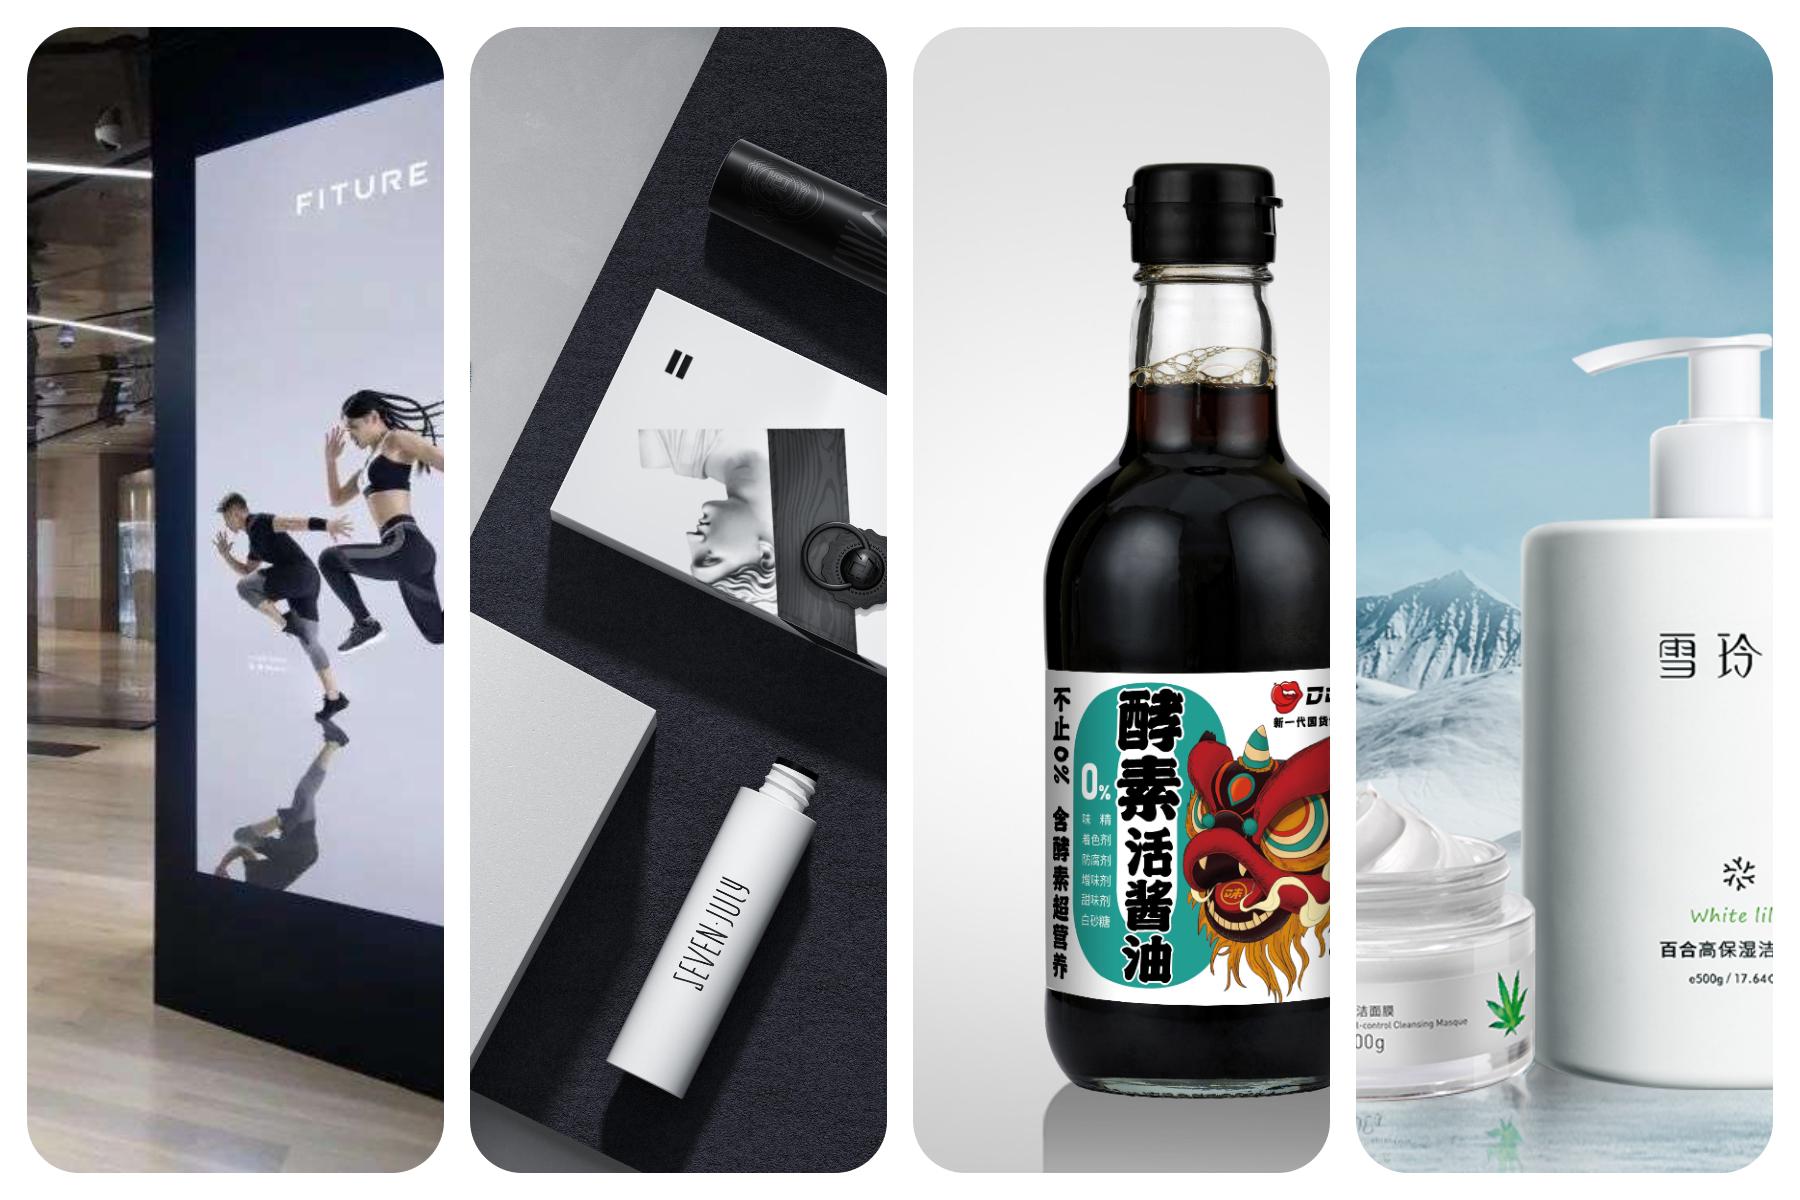 【华丽中国投资周报】2021年第14期:6家中国时尚消费企业完成新一轮融资